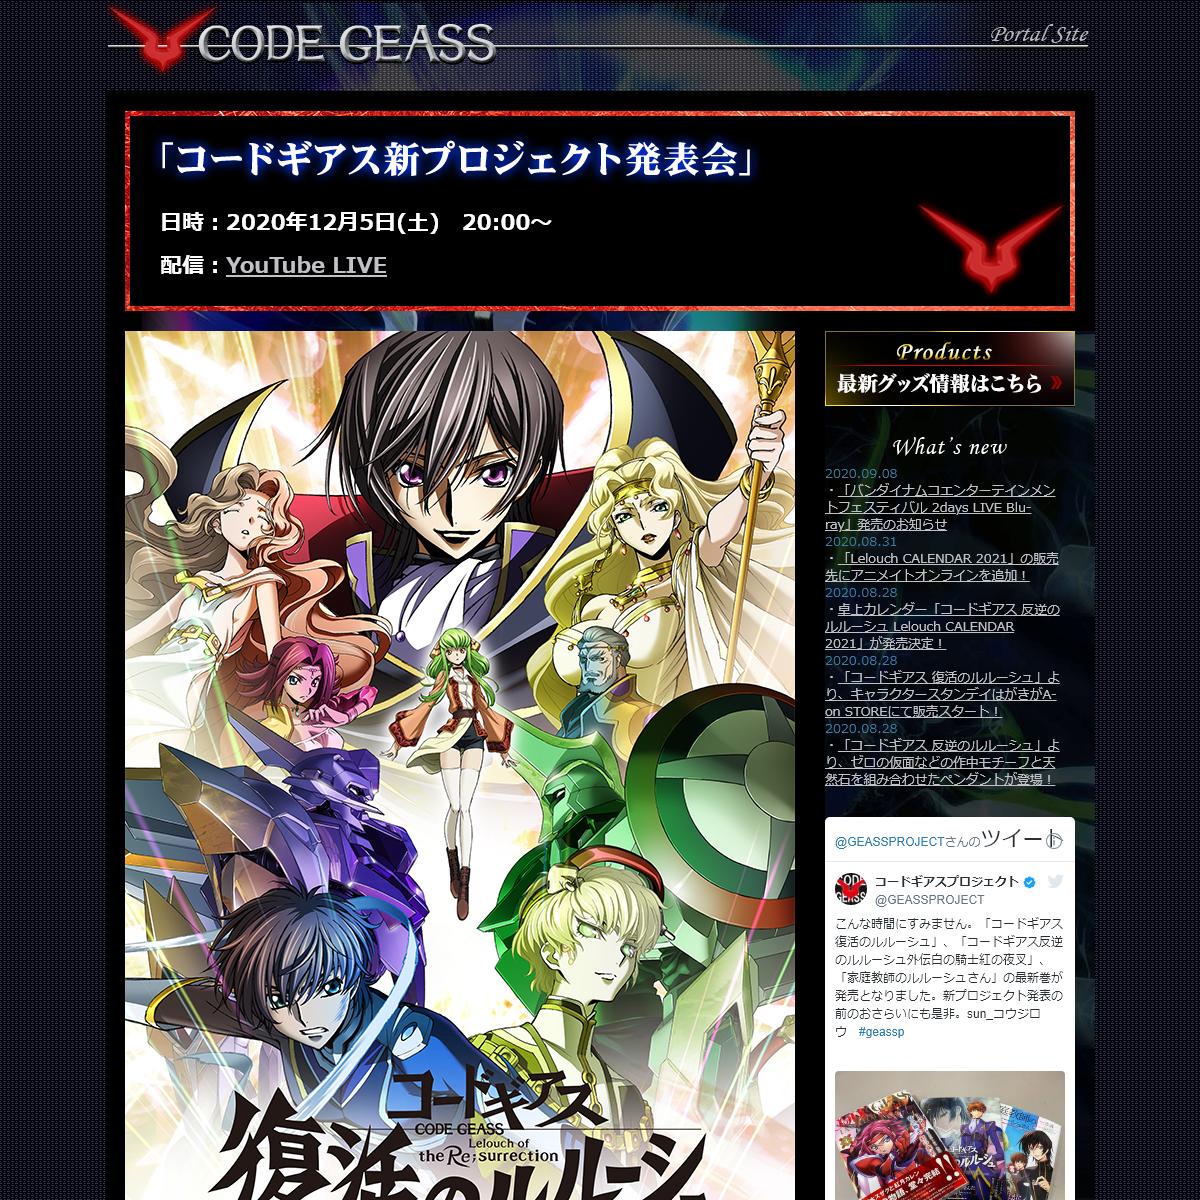 コードギアスシリーズ公式サイト